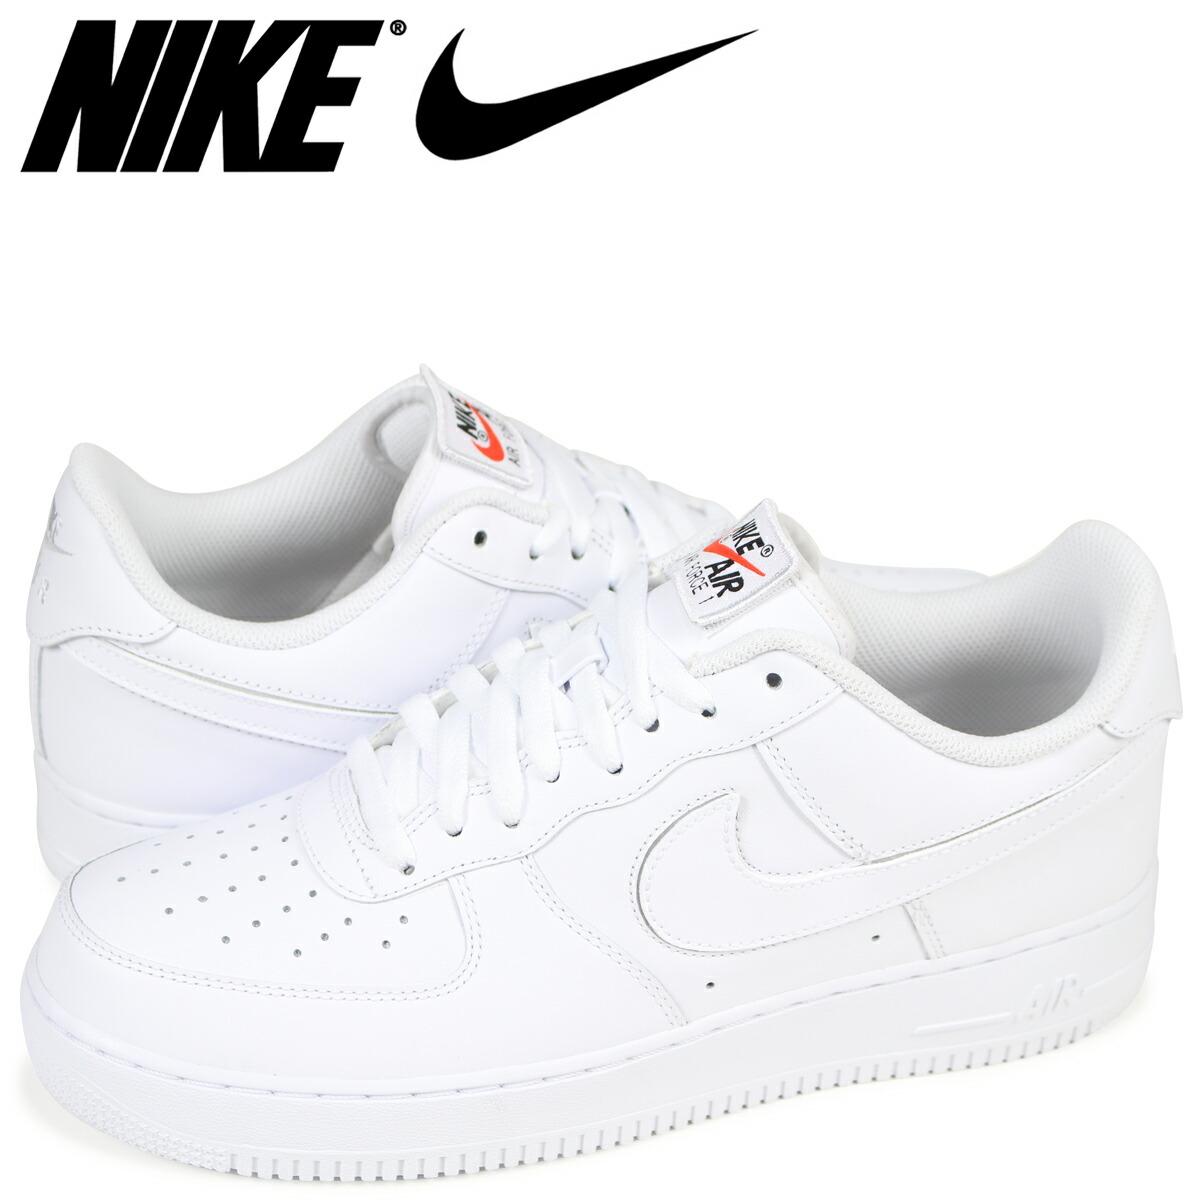 Force 1 Ah8462 White Sneakers Nike Air Low Swoosh Qs 102 Pack Men qzMLSpGUV